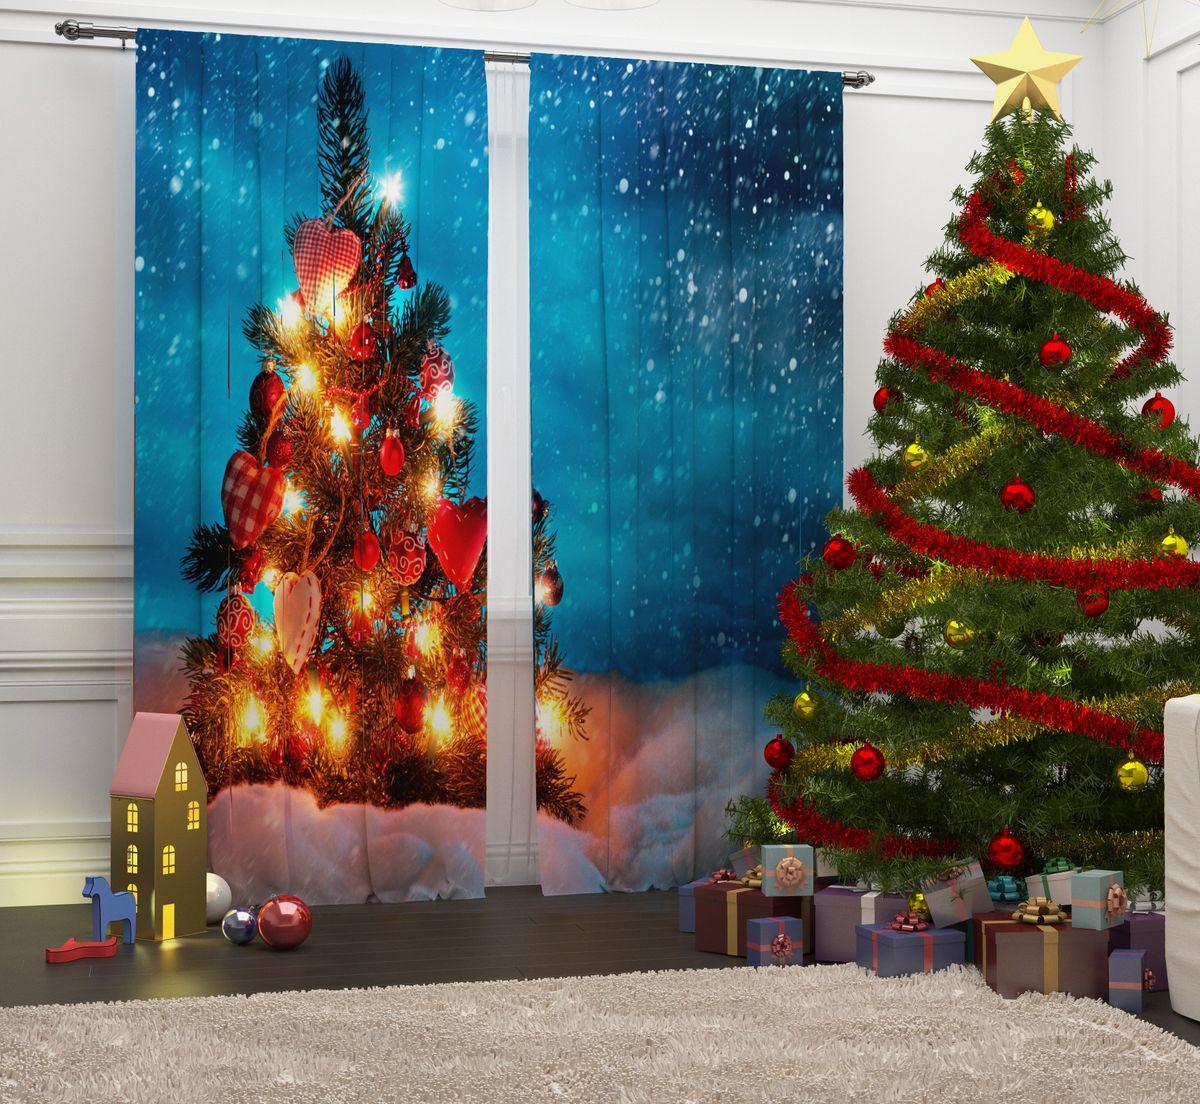 Фотошторы Сирень Рождественские огни, на ленте, высота 260 смшсг_15501Перед новогодними праздниками каждая хозяйка или хозяин хотят украсить свой дом. Мы предлагаем оригинальное решение, украсить Ваше окно фотошторами с новогодней тематикой. Новогодние фотошторы Сирень станут отличным подарком на Новый год. Подарите радость праздника себе и Вашим близким людям!Текстиль бренда «Сирень» - качество в каждом сантиметре ткани!Крепление на карниз при помощи шторной ленты на крючки.В комплекте: Портьера: 2 шт. Размер (ШхВ): 145 см х 260 см. Рекомендации по уходу: стирка при 30 градусах гладить при температуре до 150 градусов Изображение на мониторе может немного отличаться от реального.